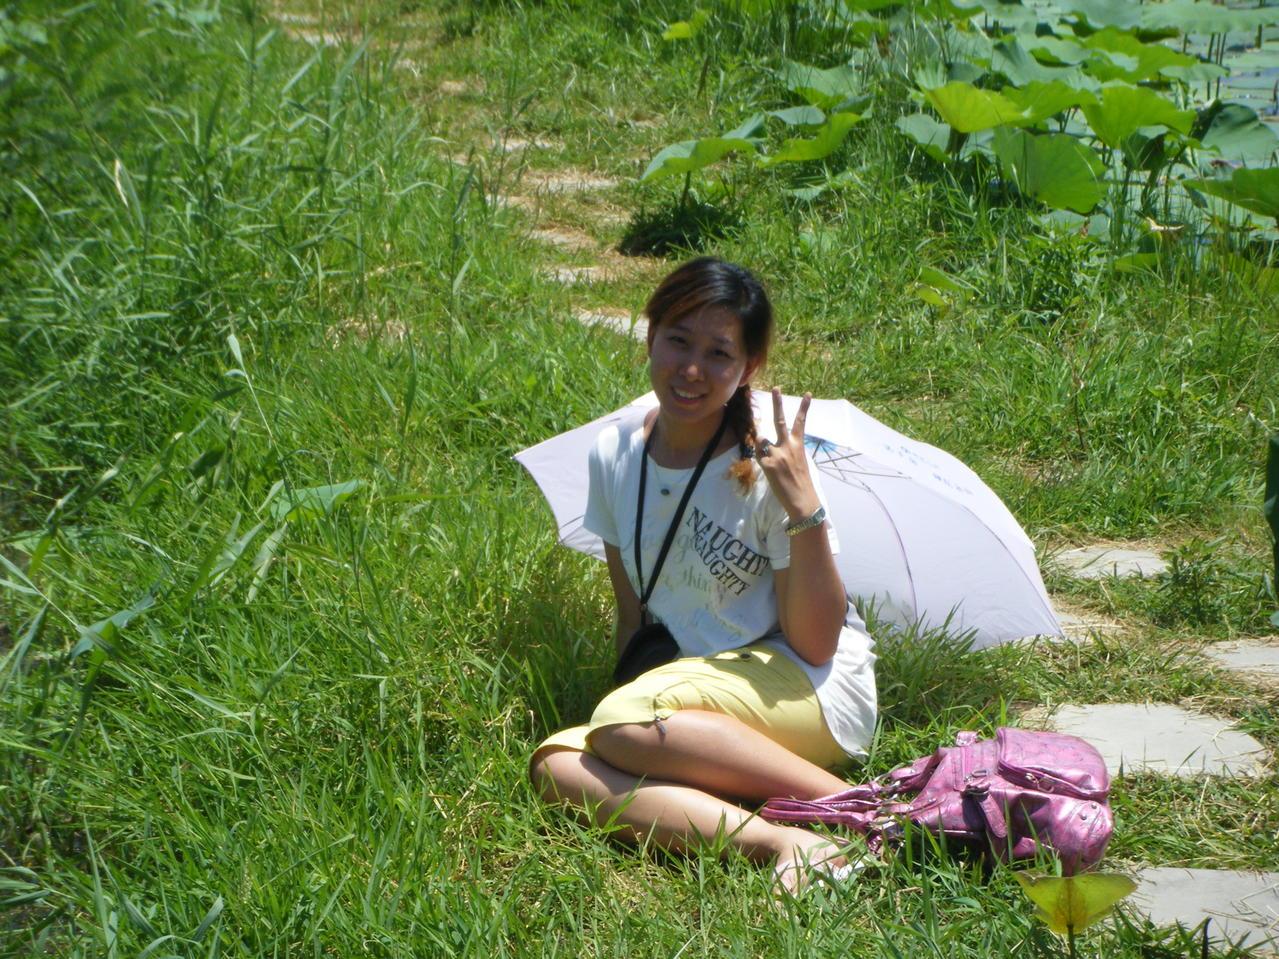 真想躺在草地上 充分享受阳光的照耀!